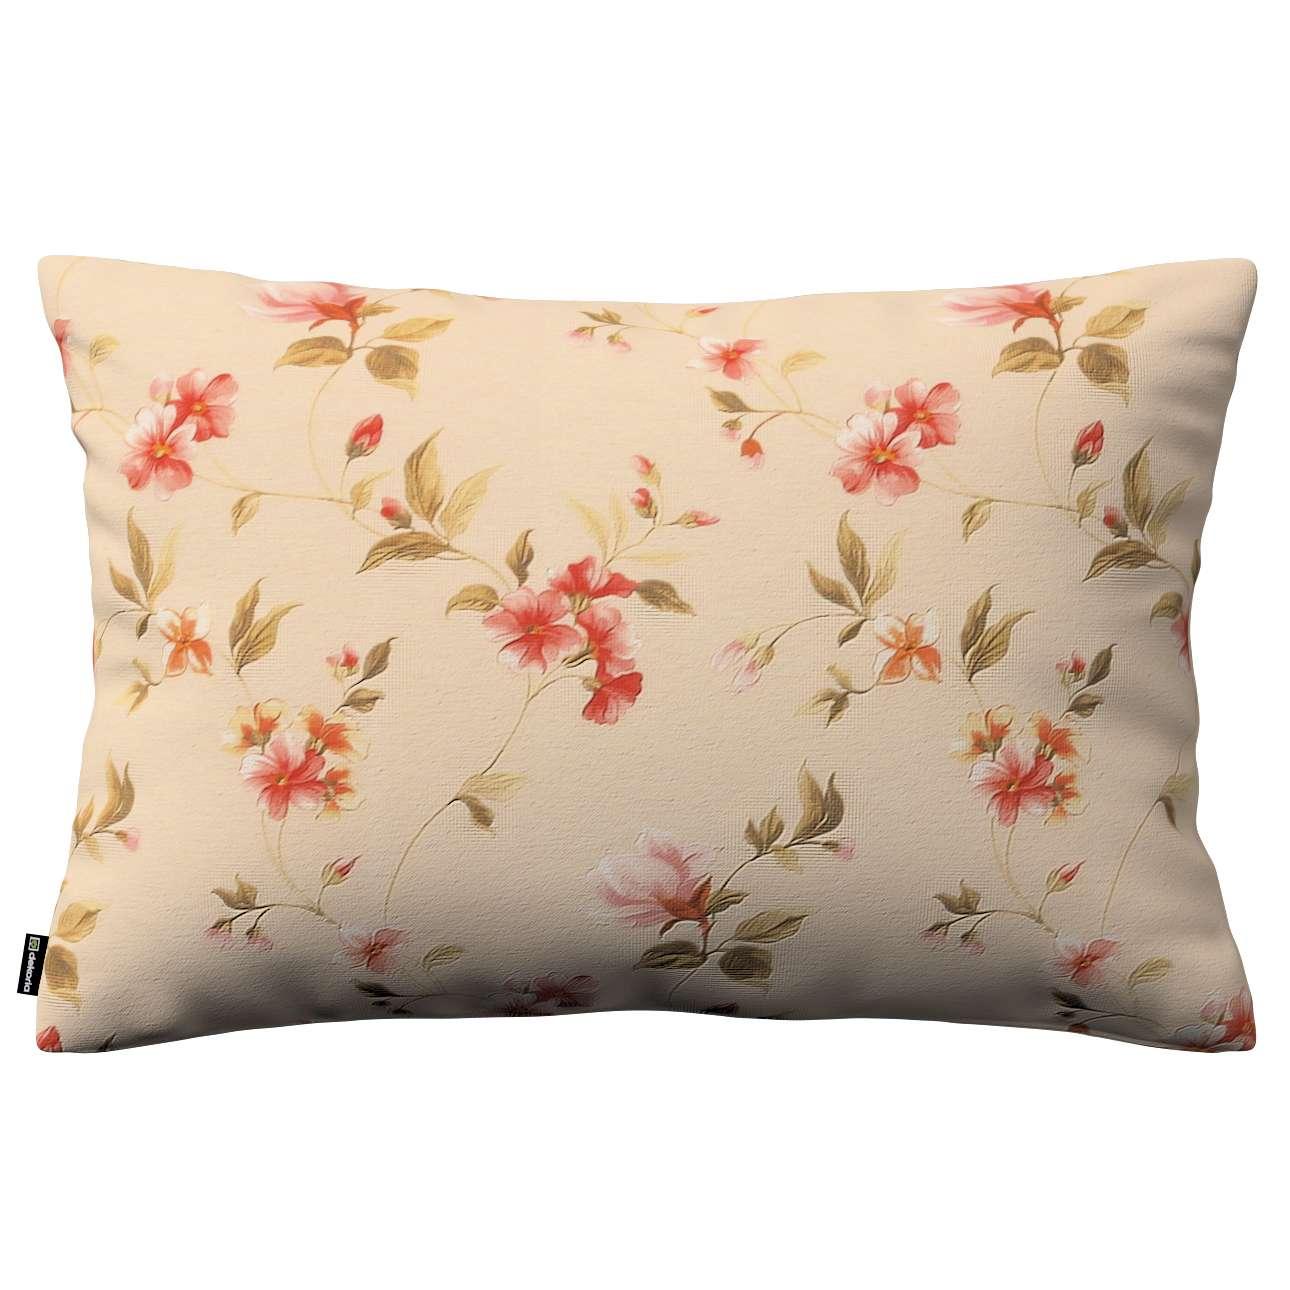 Poszewka Kinga na poduszkę prostokątną 60 x 40 cm w kolekcji Londres, tkanina: 124-05